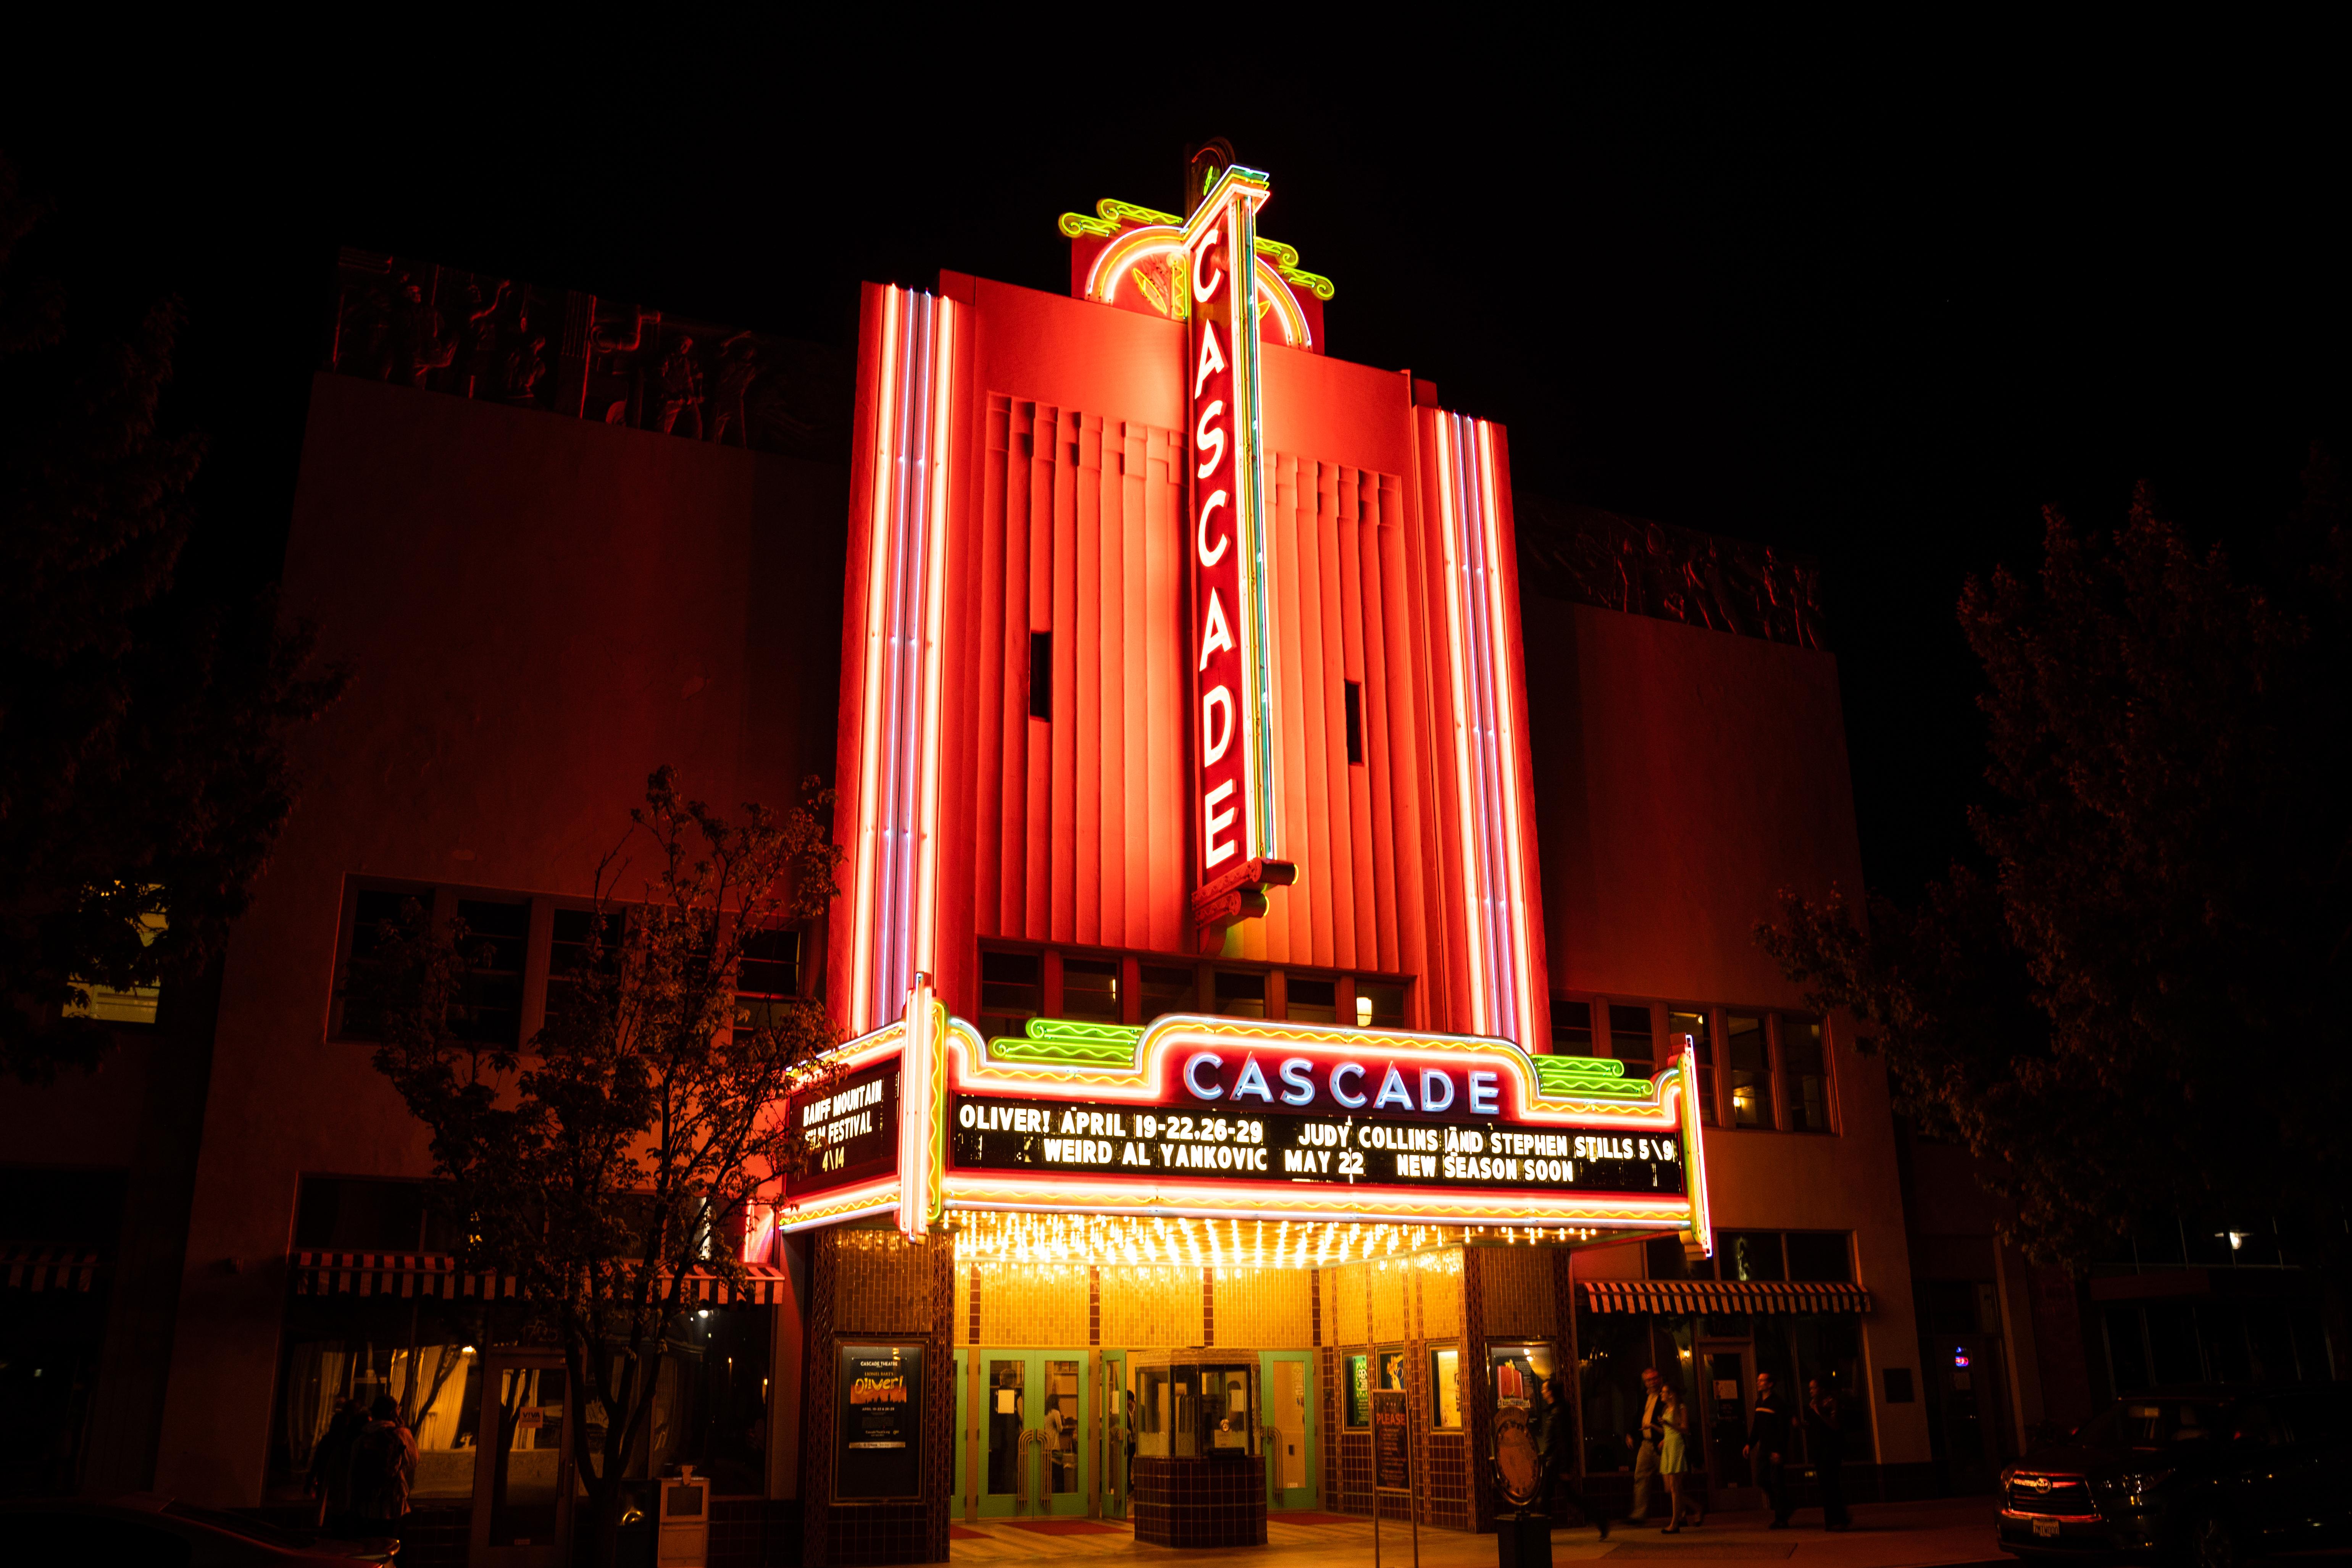 The Cascade Theatre in Redding, CA.